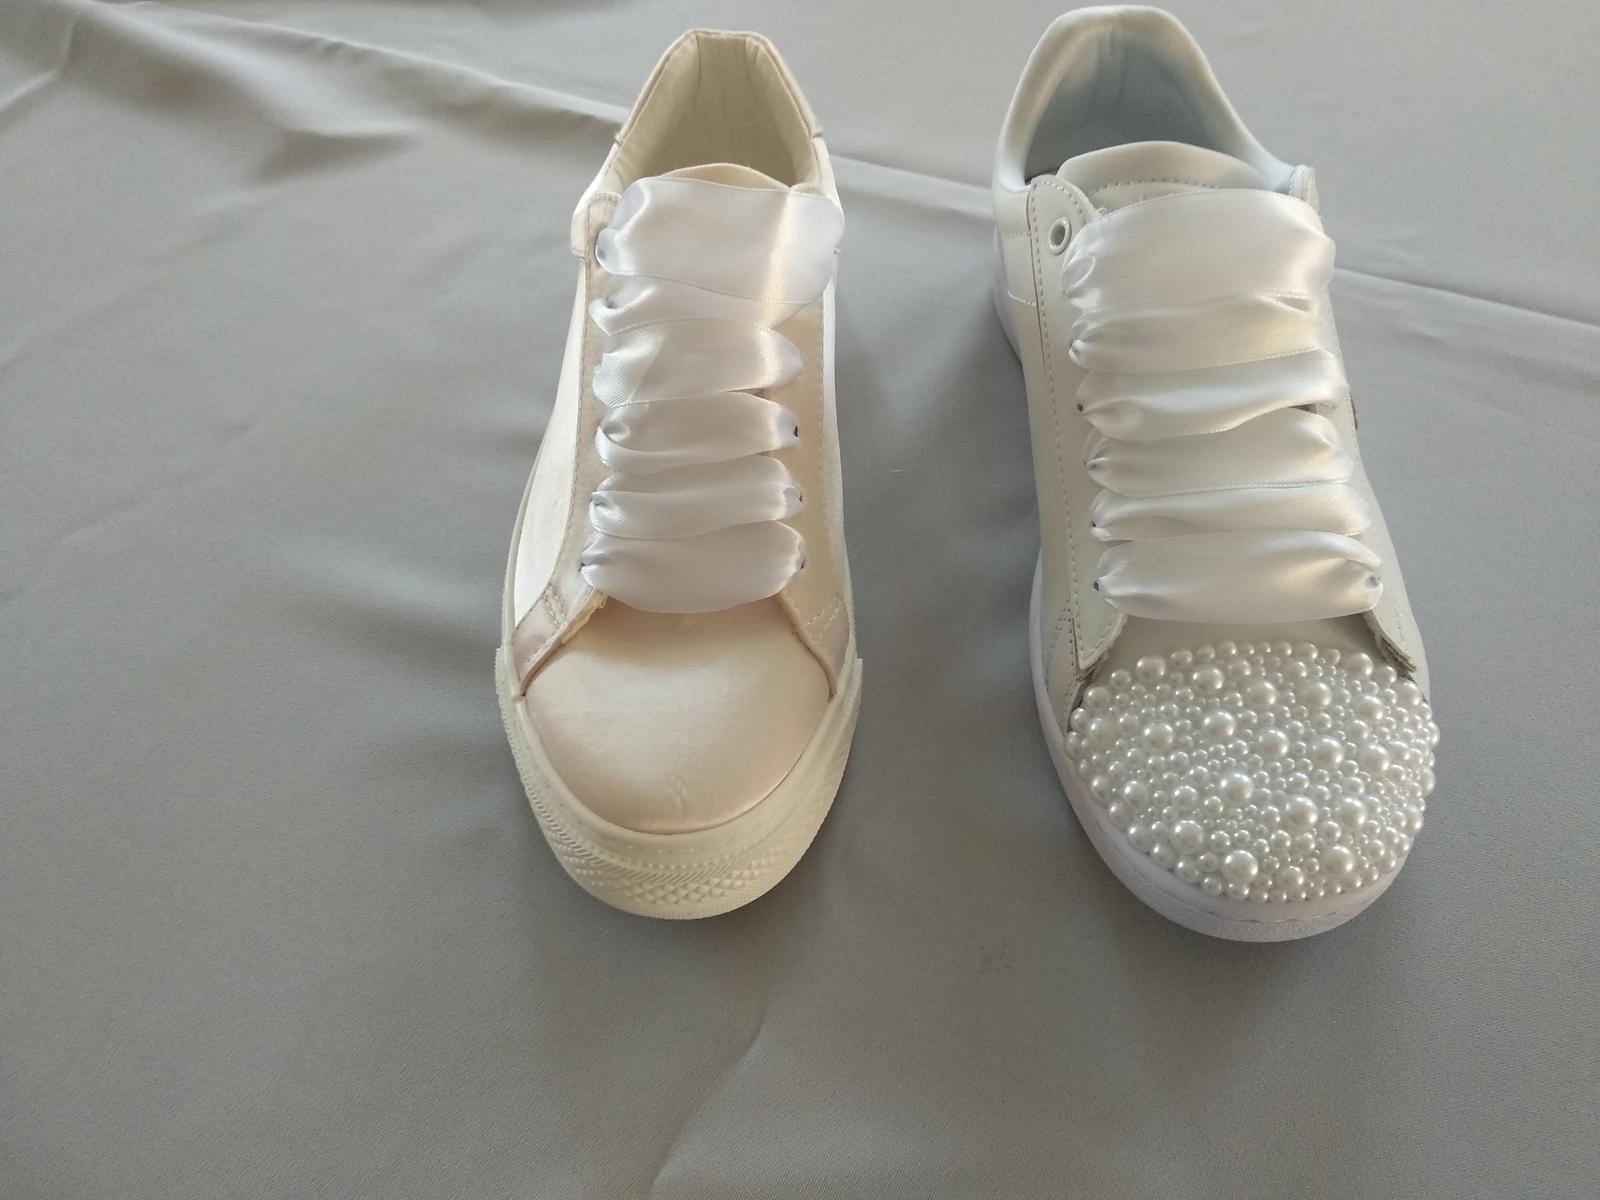 P&M prípravy - Kedže nechcem vysoké podpätky, budú tenisky. Neviem sa však rozhodnúť, ktoré?